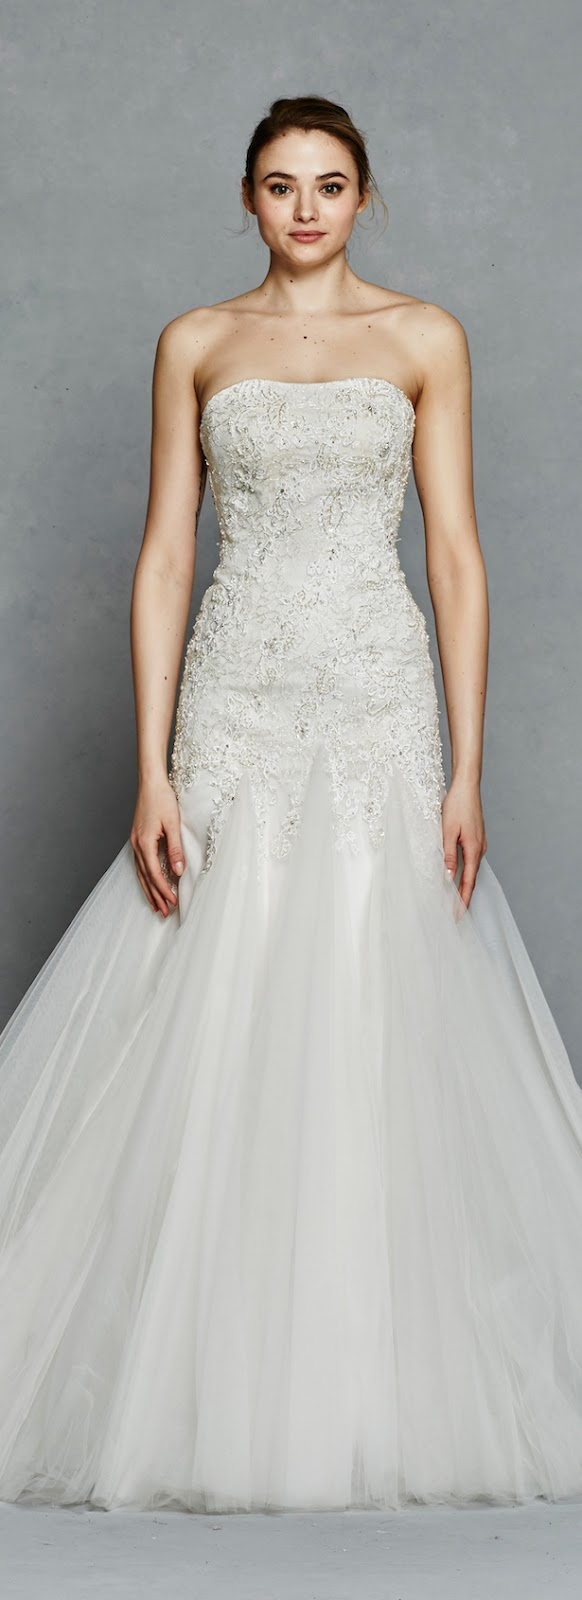 Bellos vestidos de novias